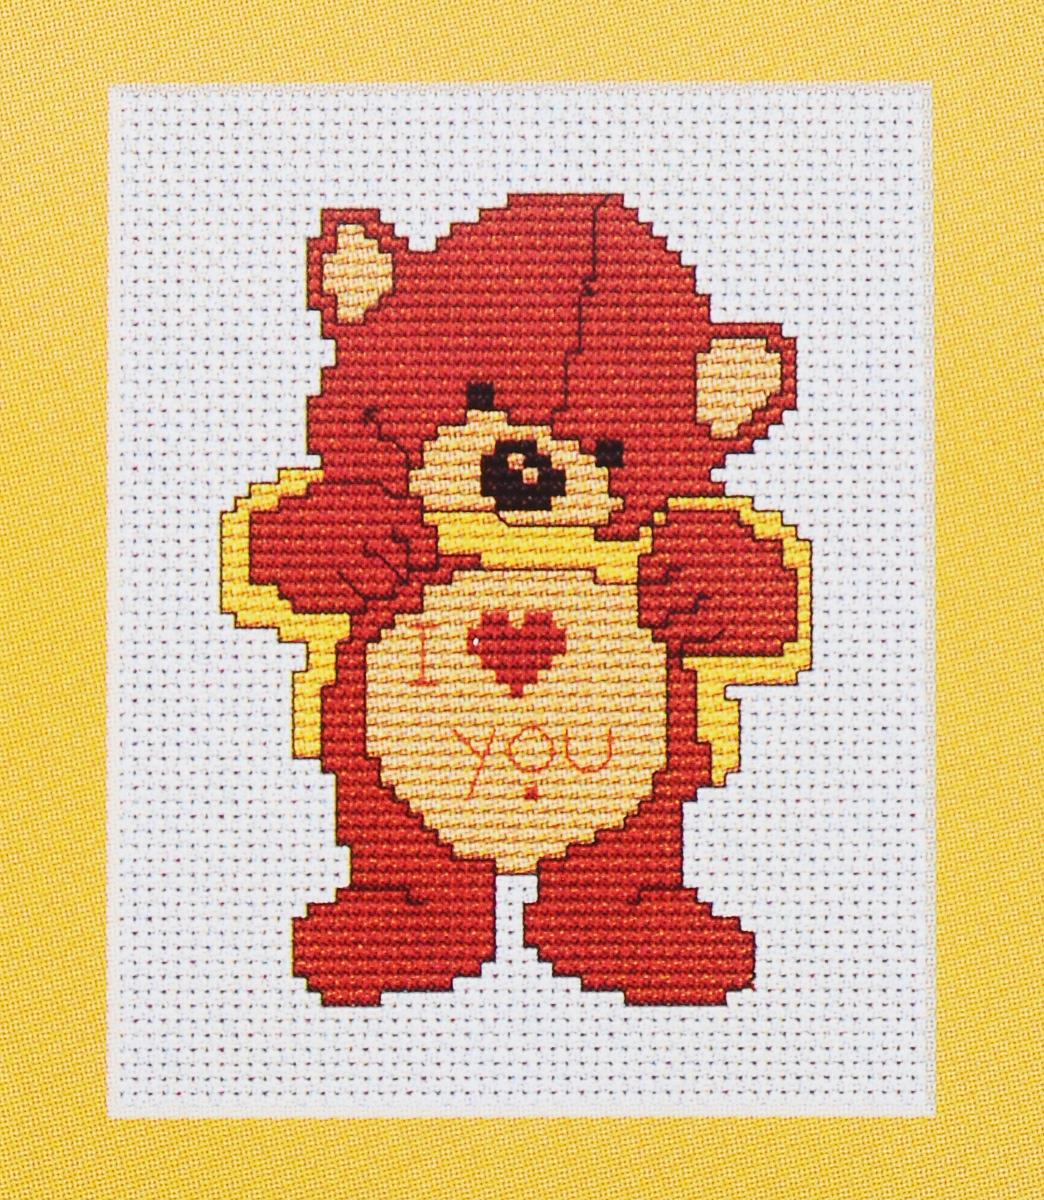 Набор для вышивания крестом Luca-S Медведь, 7,5 х 10 смB086Набор для вышивания крестом Luca-S Медведь поможет вам создать свой личный шедевр - красивую картину, вышитую нитками мулине в технике счетный крест. Работа, выполненная своими руками, станет отличным подарком для друзей и близких! В набор входит: - белая канва Aida Zweigart 14 (хлопок) без рисунка размером 10 х 7,5 см, - мулине Anchor 5 цветов, - игла, - цветная схема для вышивания.